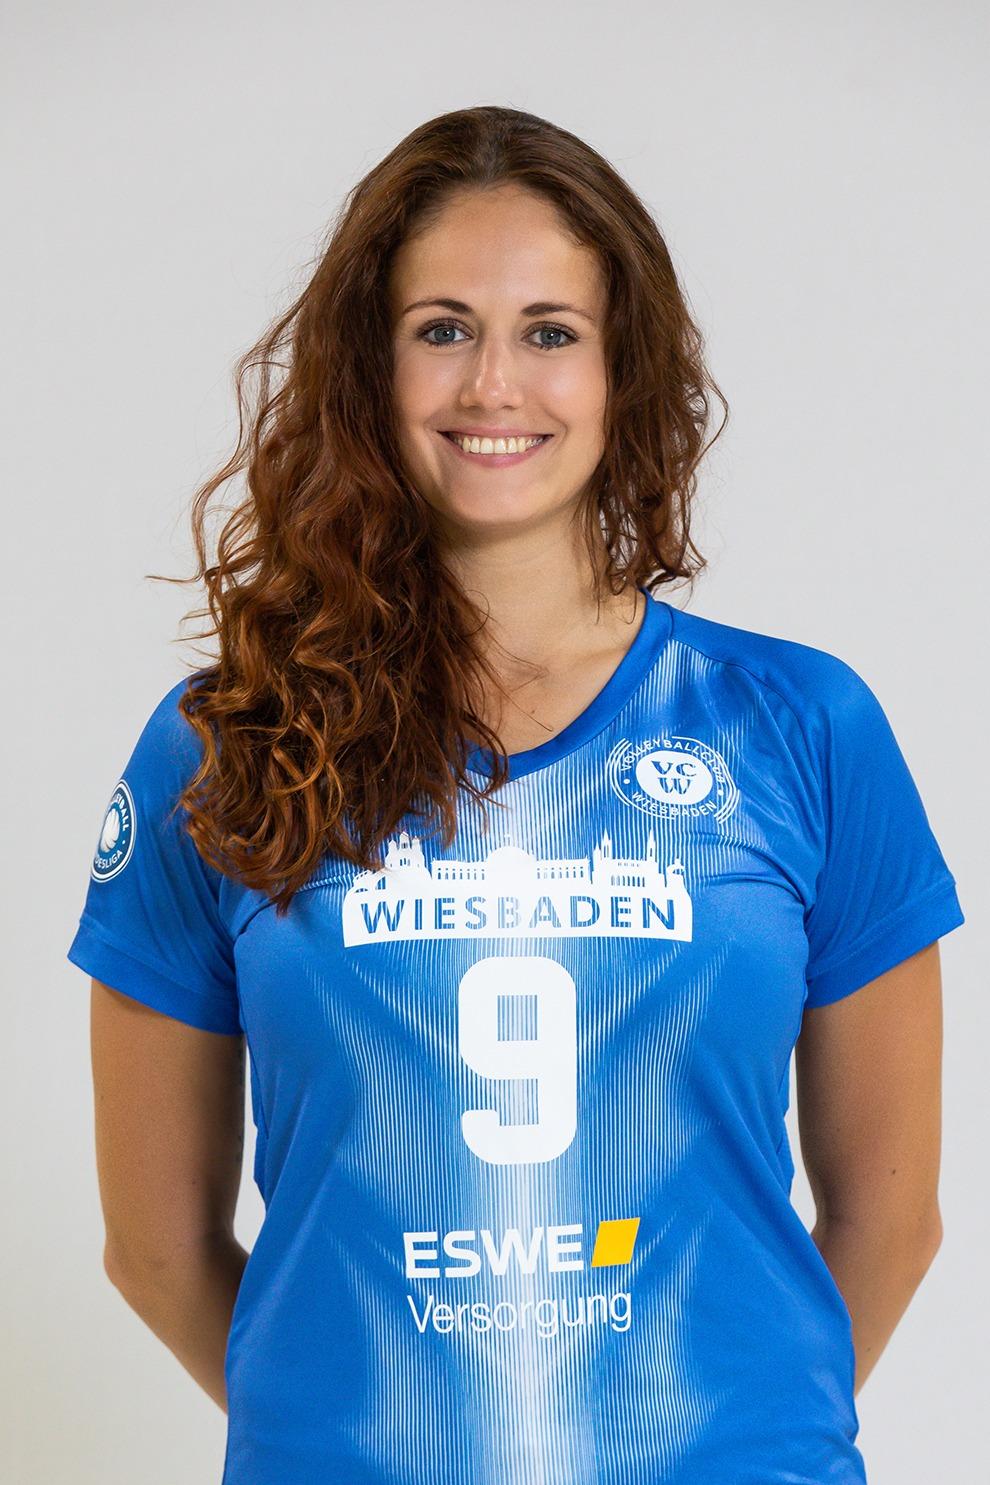 Profi-Volleyballerin Klara Vyklicka vom VC Wiesbaden trägt unsichtbare Hörgeräte von Schöner hören